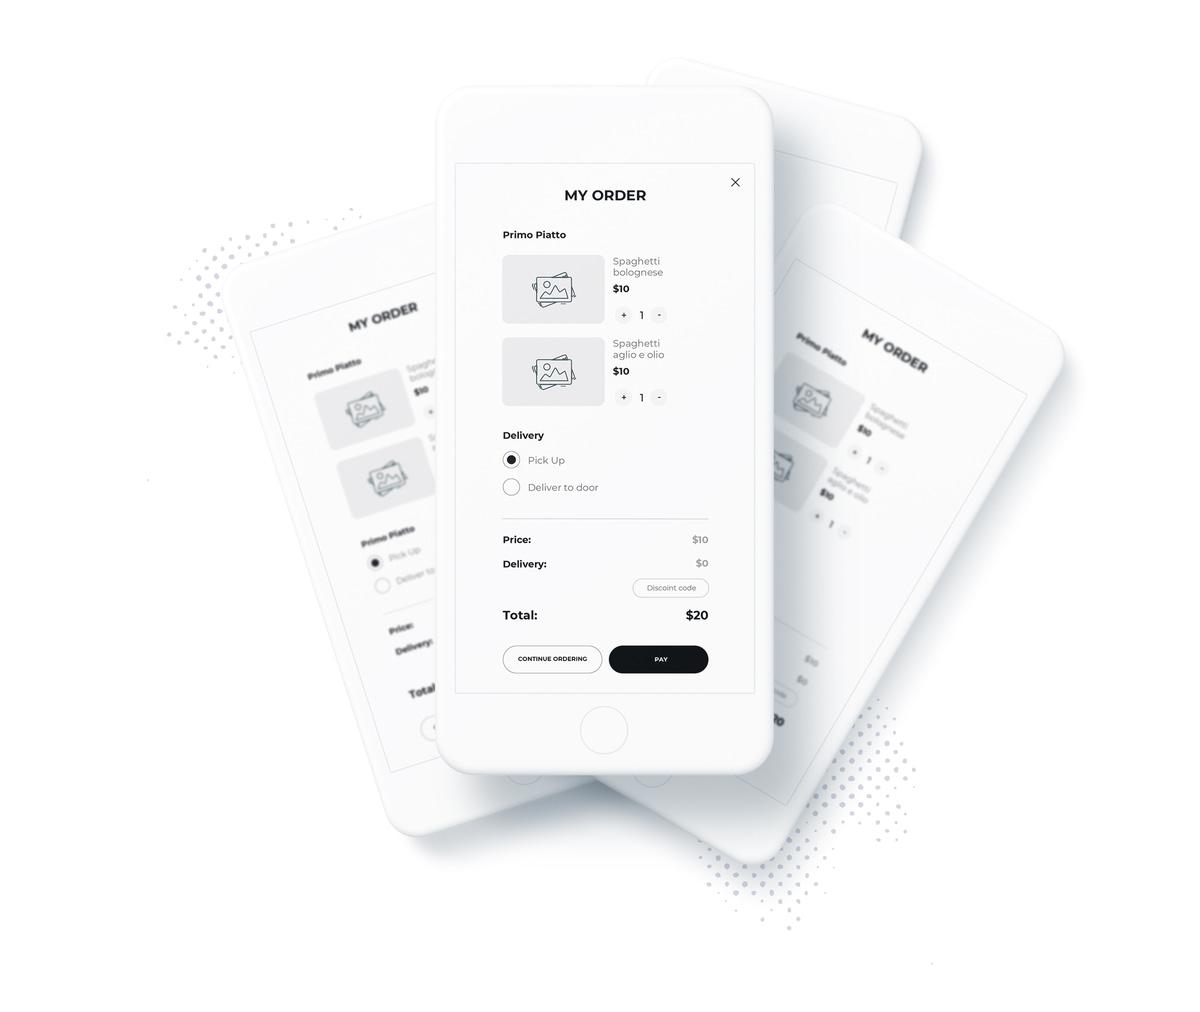 app design templates checkout process